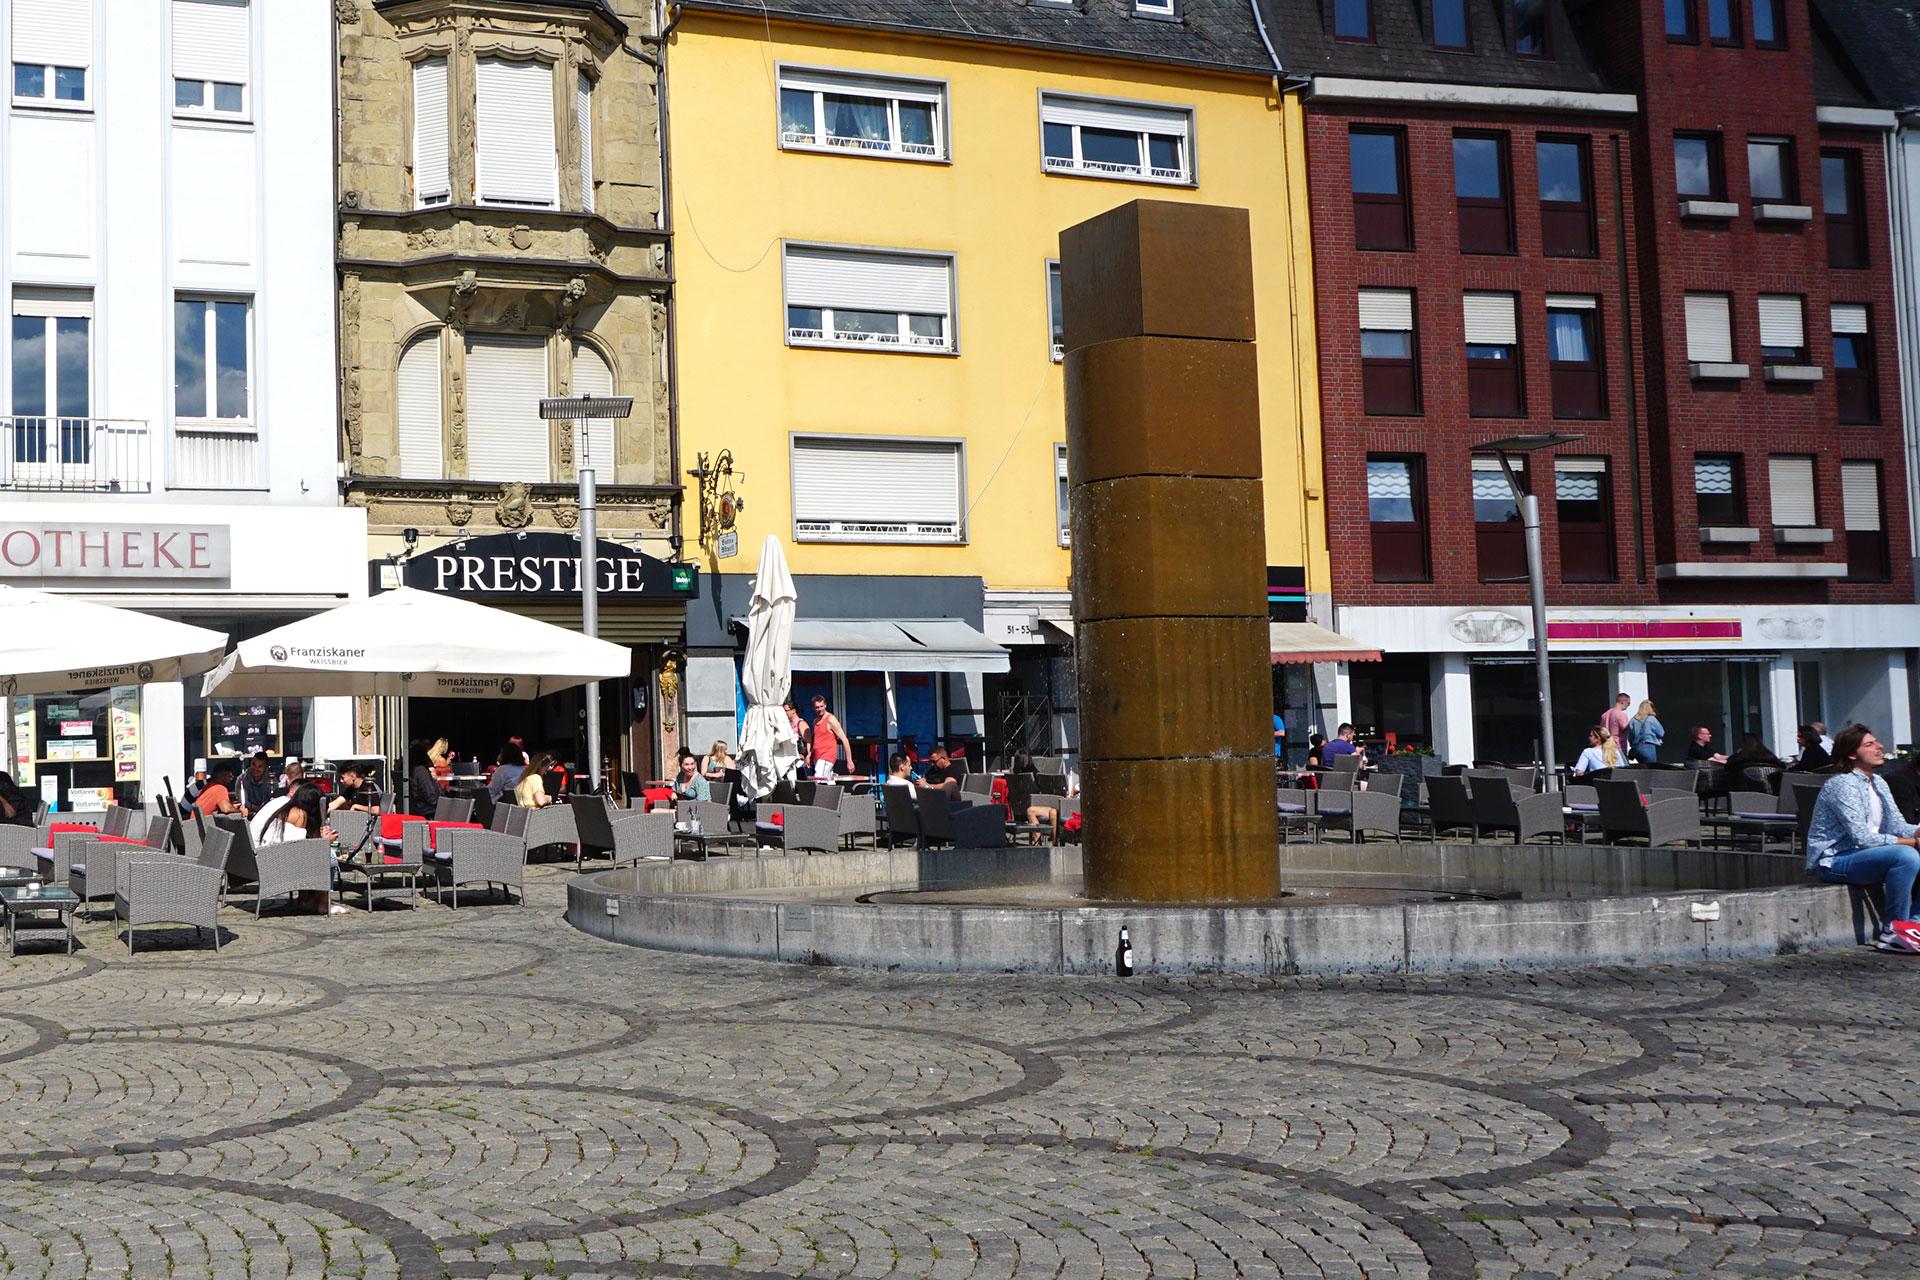 Brunnen von Erwin Heerich auf dem Alten Markt in Mönchengladbach